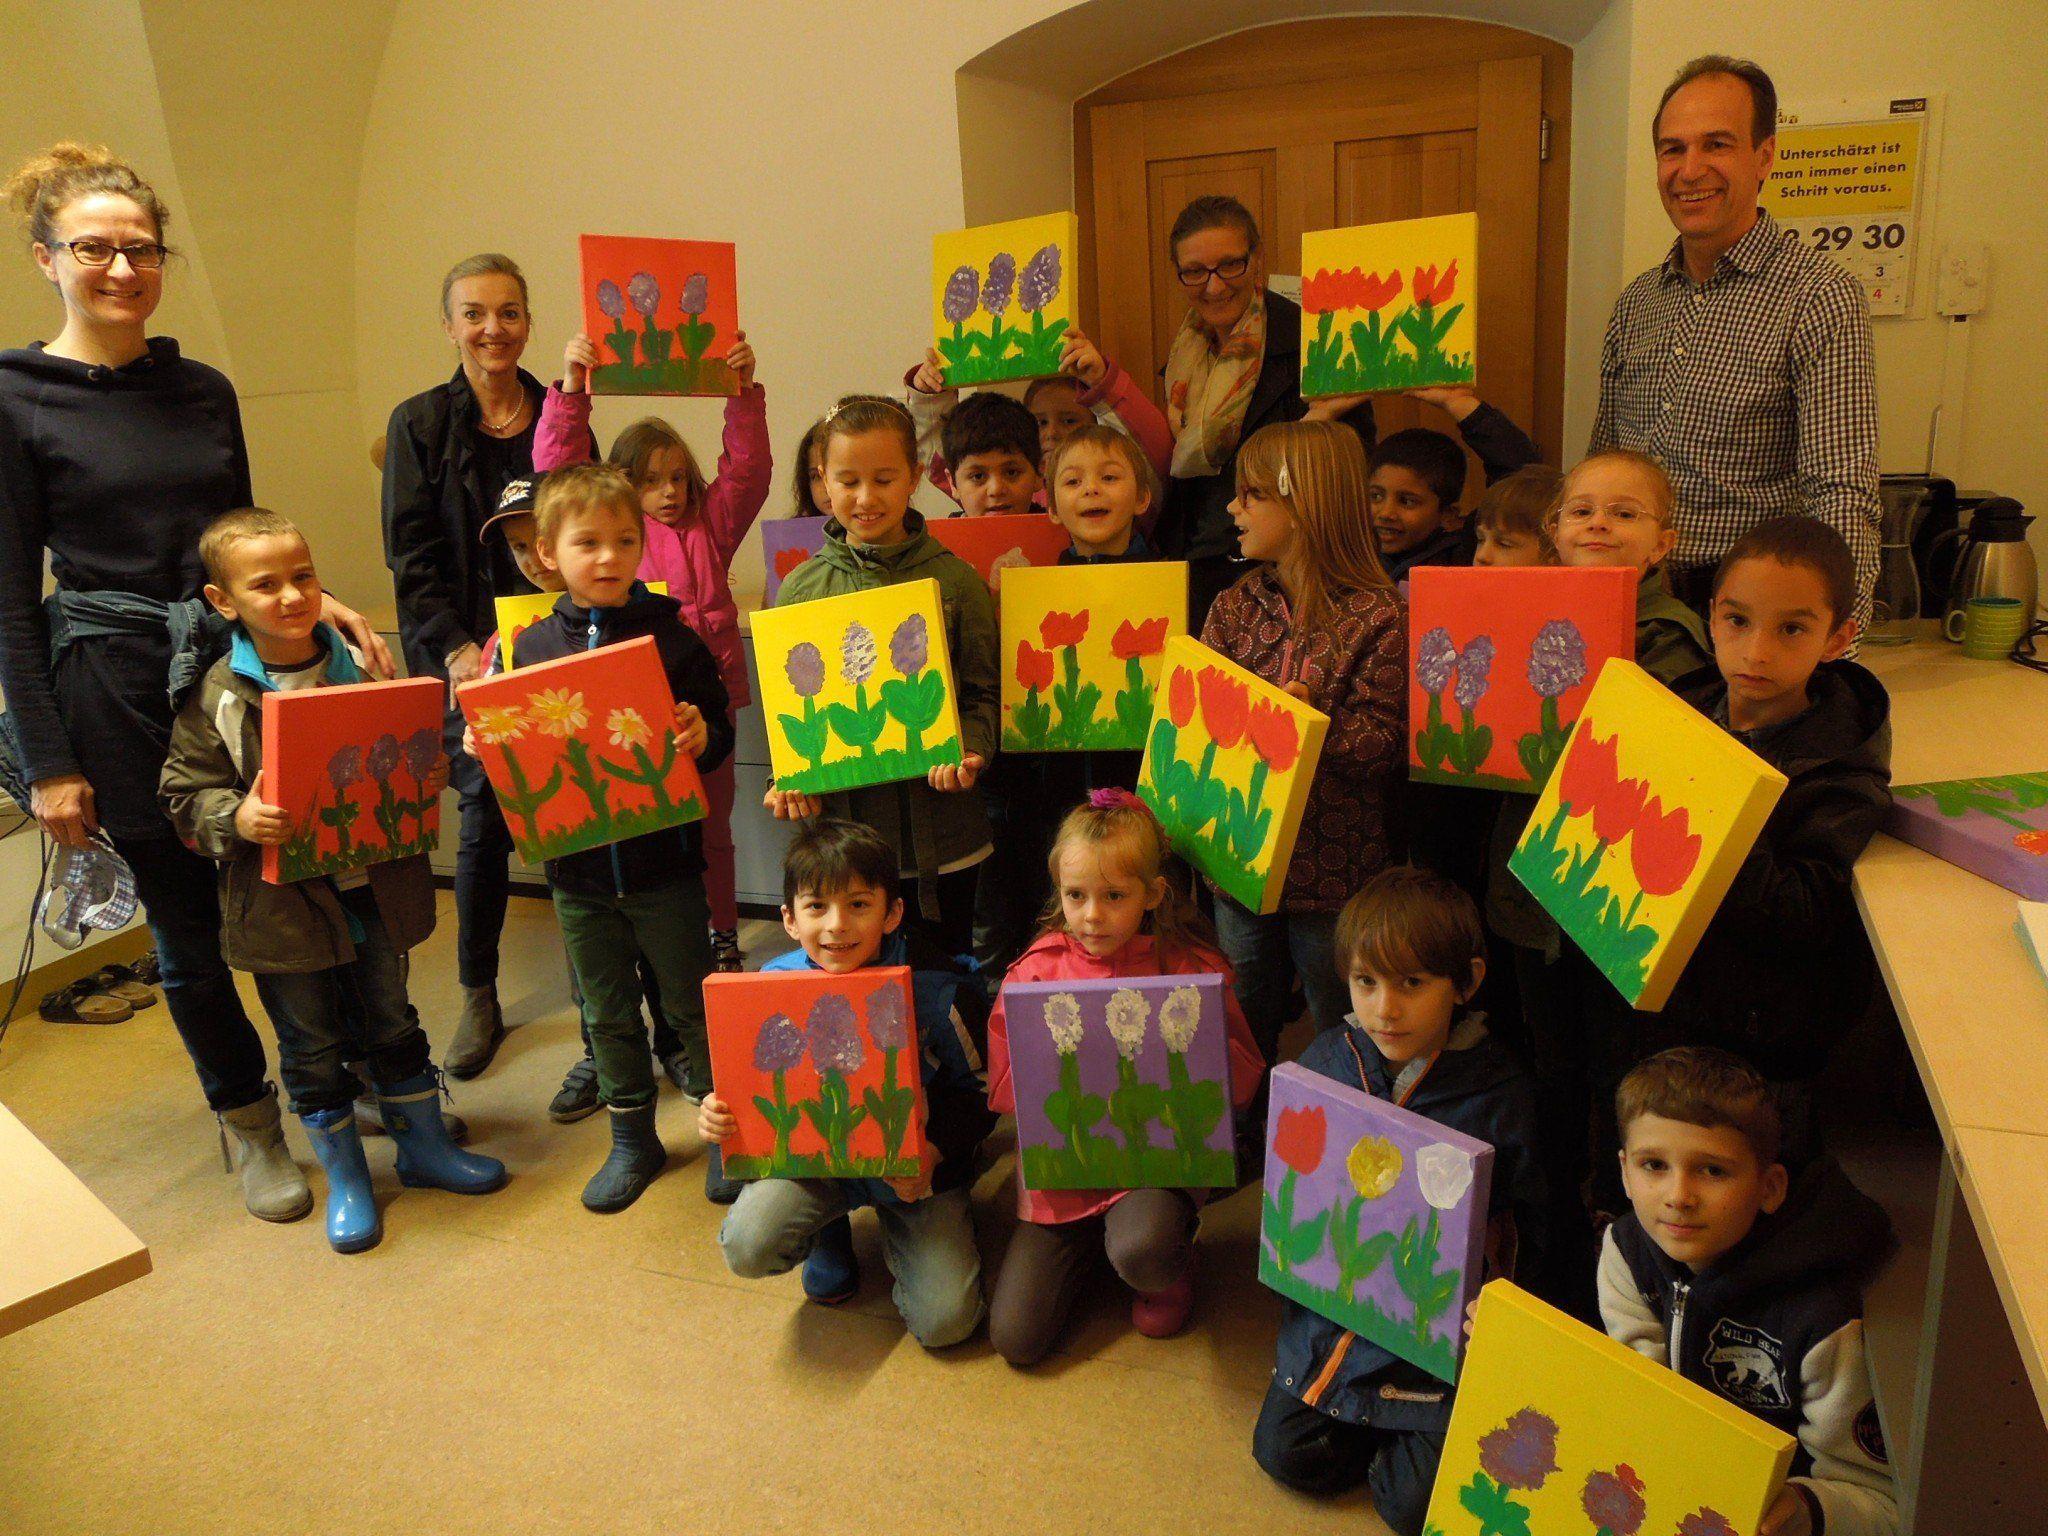 Stolz präsentierten die Schüler der 1 c VS Markt ihre tollen Werke für das neue Büro der Abteilung Familien, Kinder und Schulen.